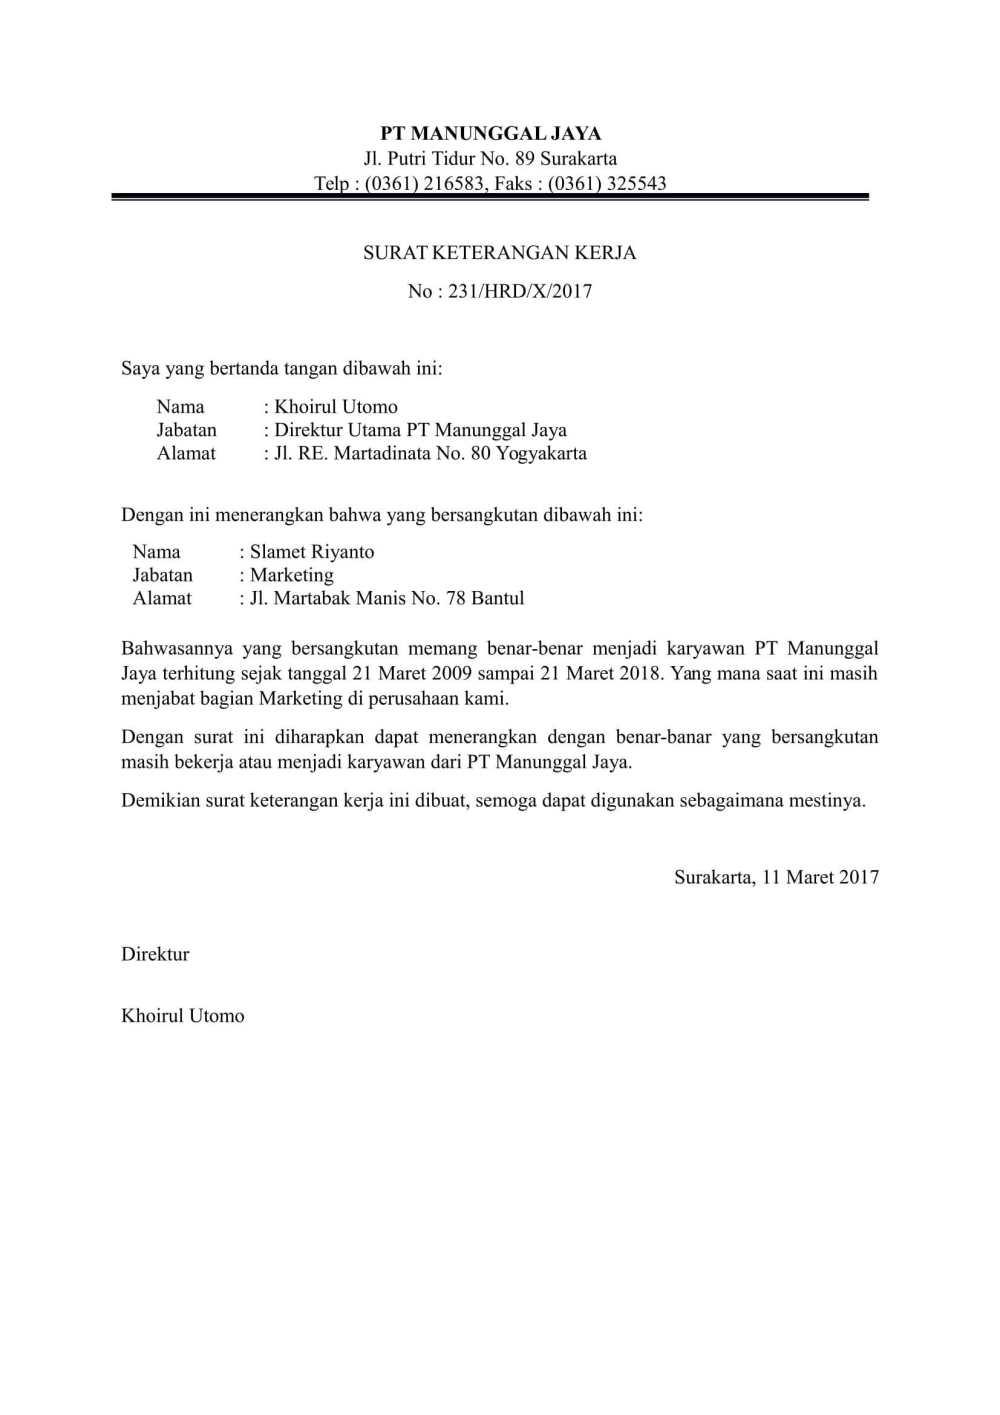 Bagian Bagian Surat Keterangan Kerja